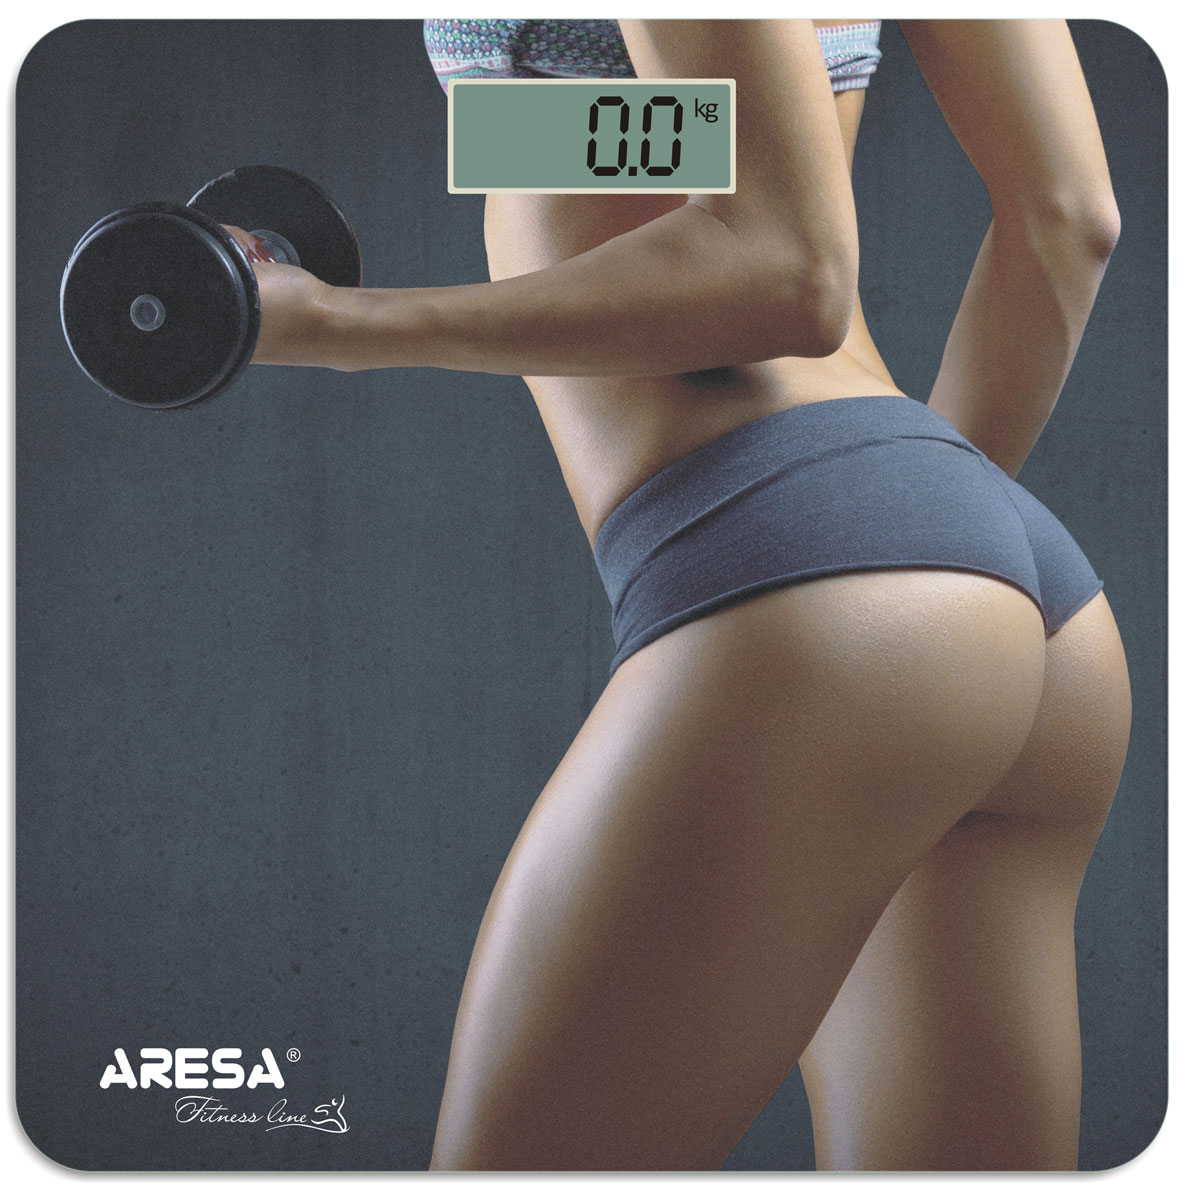 Aresa SB-311 напольные весыSB-311Напольные электронные весы Aresa SB-311 с электронной системой взвешивания на четырех тензоэлектрических датчиках - неотъемлемый атрибут здорового образа жизни. Они необходимы тем, кто следит за своим здоровьем, весом, ведет активный образ жизни, занимается спортом и фитнесом. Очень удобны для будущих мам, постоянно контролирующих прибавку в весе, также рекомендуются родителям, внимательно следящим за весом своих детей.Минимальная нагрузка: 2,5 кг